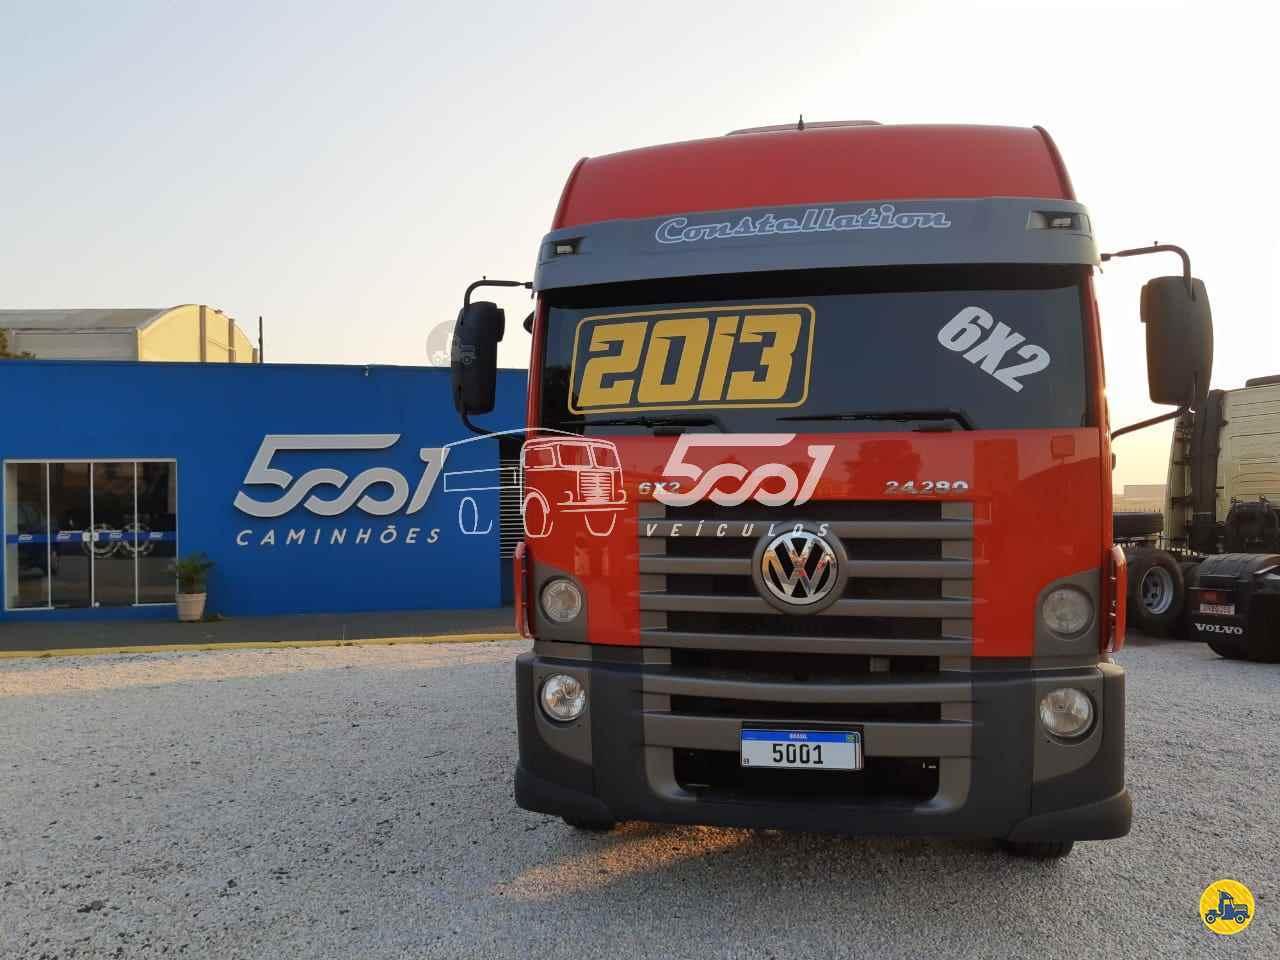 CAMINHAO VOLKSWAGEN VW 24280 Carga Seca Truck 6x2 5001 Veículos - Ponta Grossa PONTA GROSSA PARANÁ PR